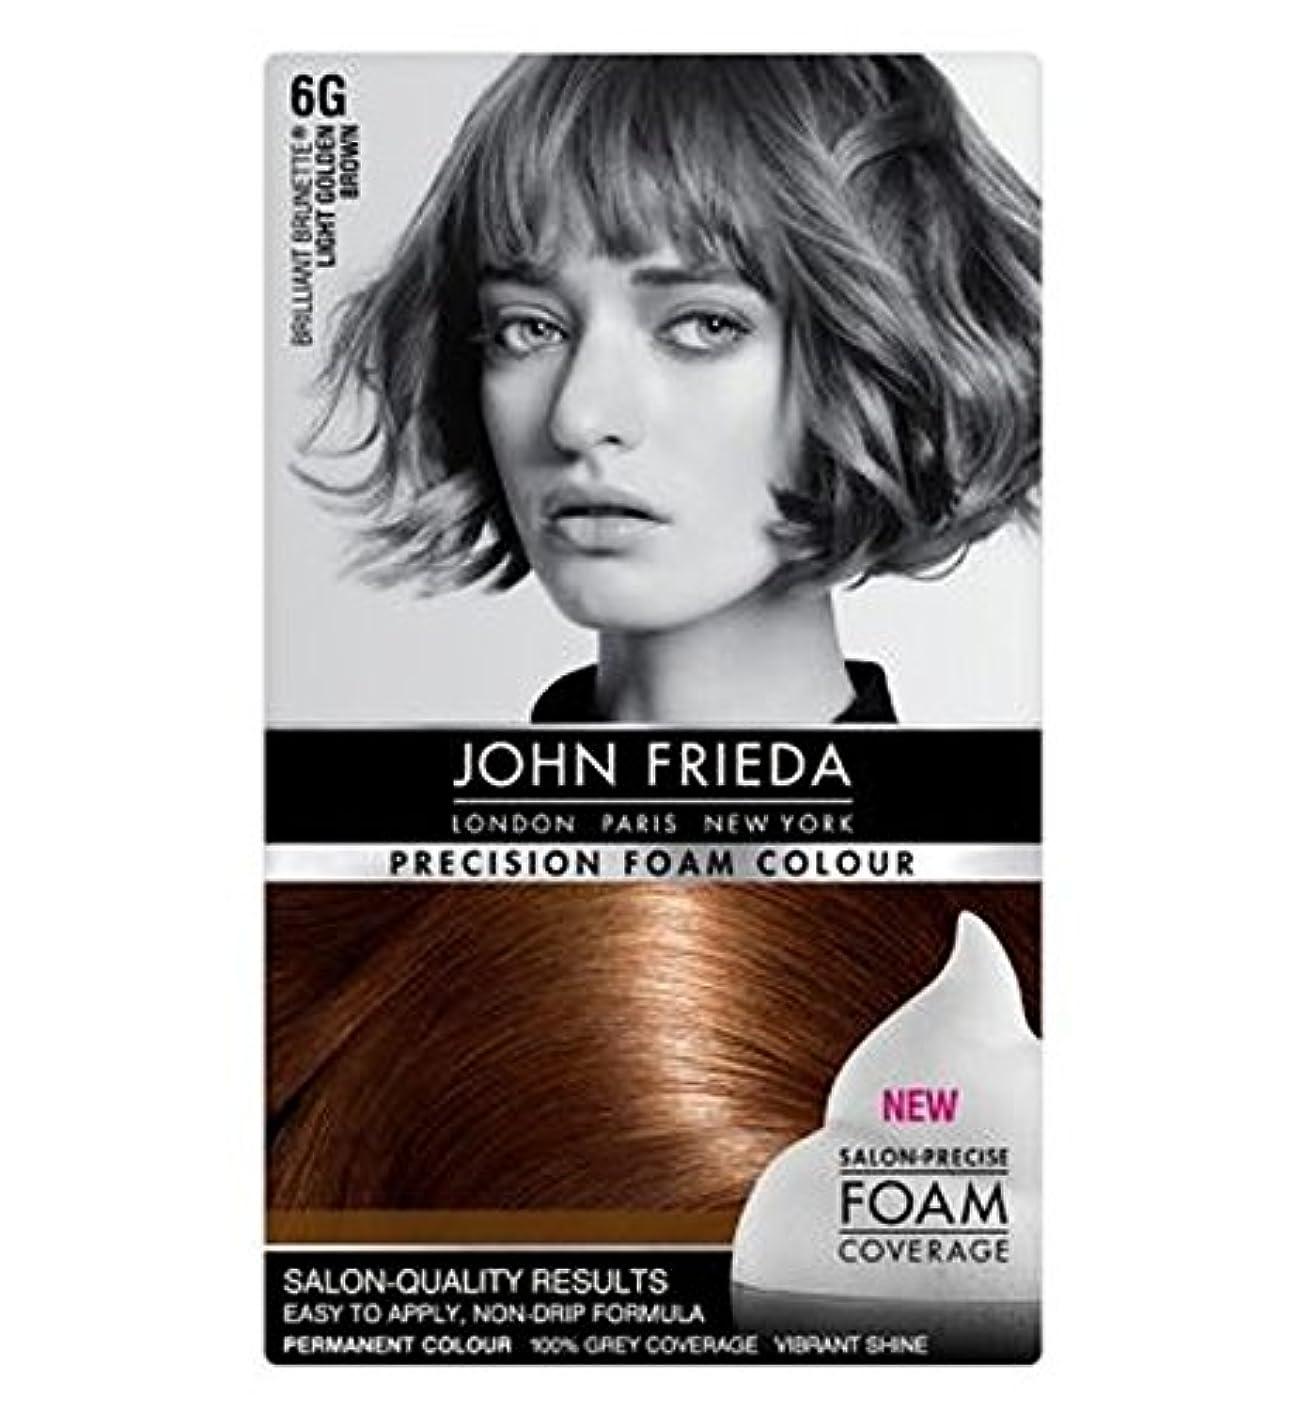 リフト適応まっすぐにするJohn Frieda Precision Foam Colour 6G Light Golden Brown - ジョン?フリーダ精密泡カラー6グラムライトゴールデンブラウン (John Frieda) [並行輸入品]